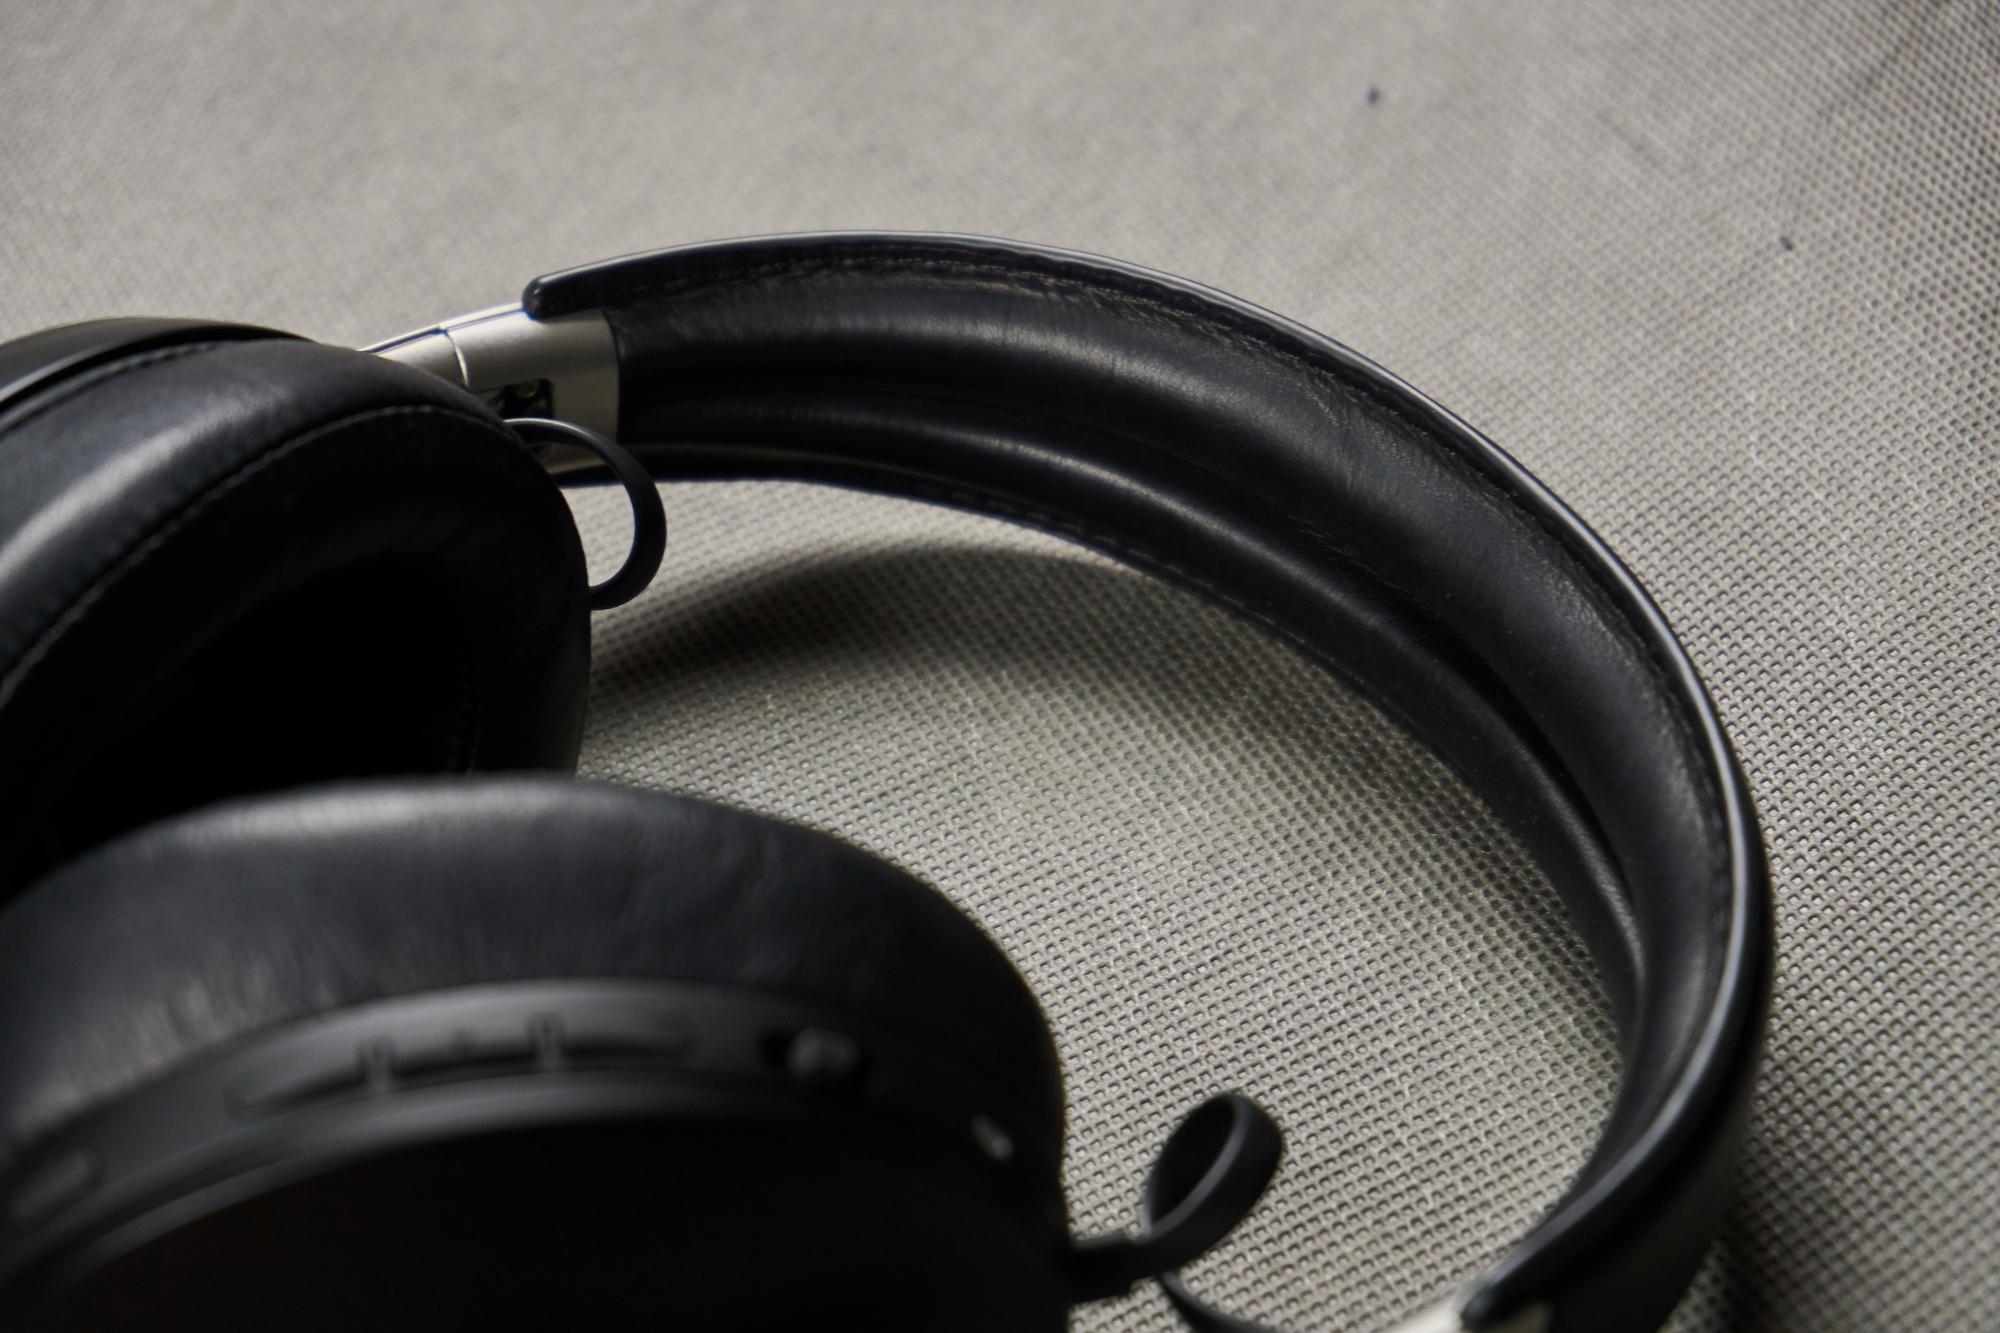 Recenzja Sennheiser Momentum Wireless - niemieckim inżynierom dźwięku progres nie jest obcy 39 Sennheiser Momentum Wireless